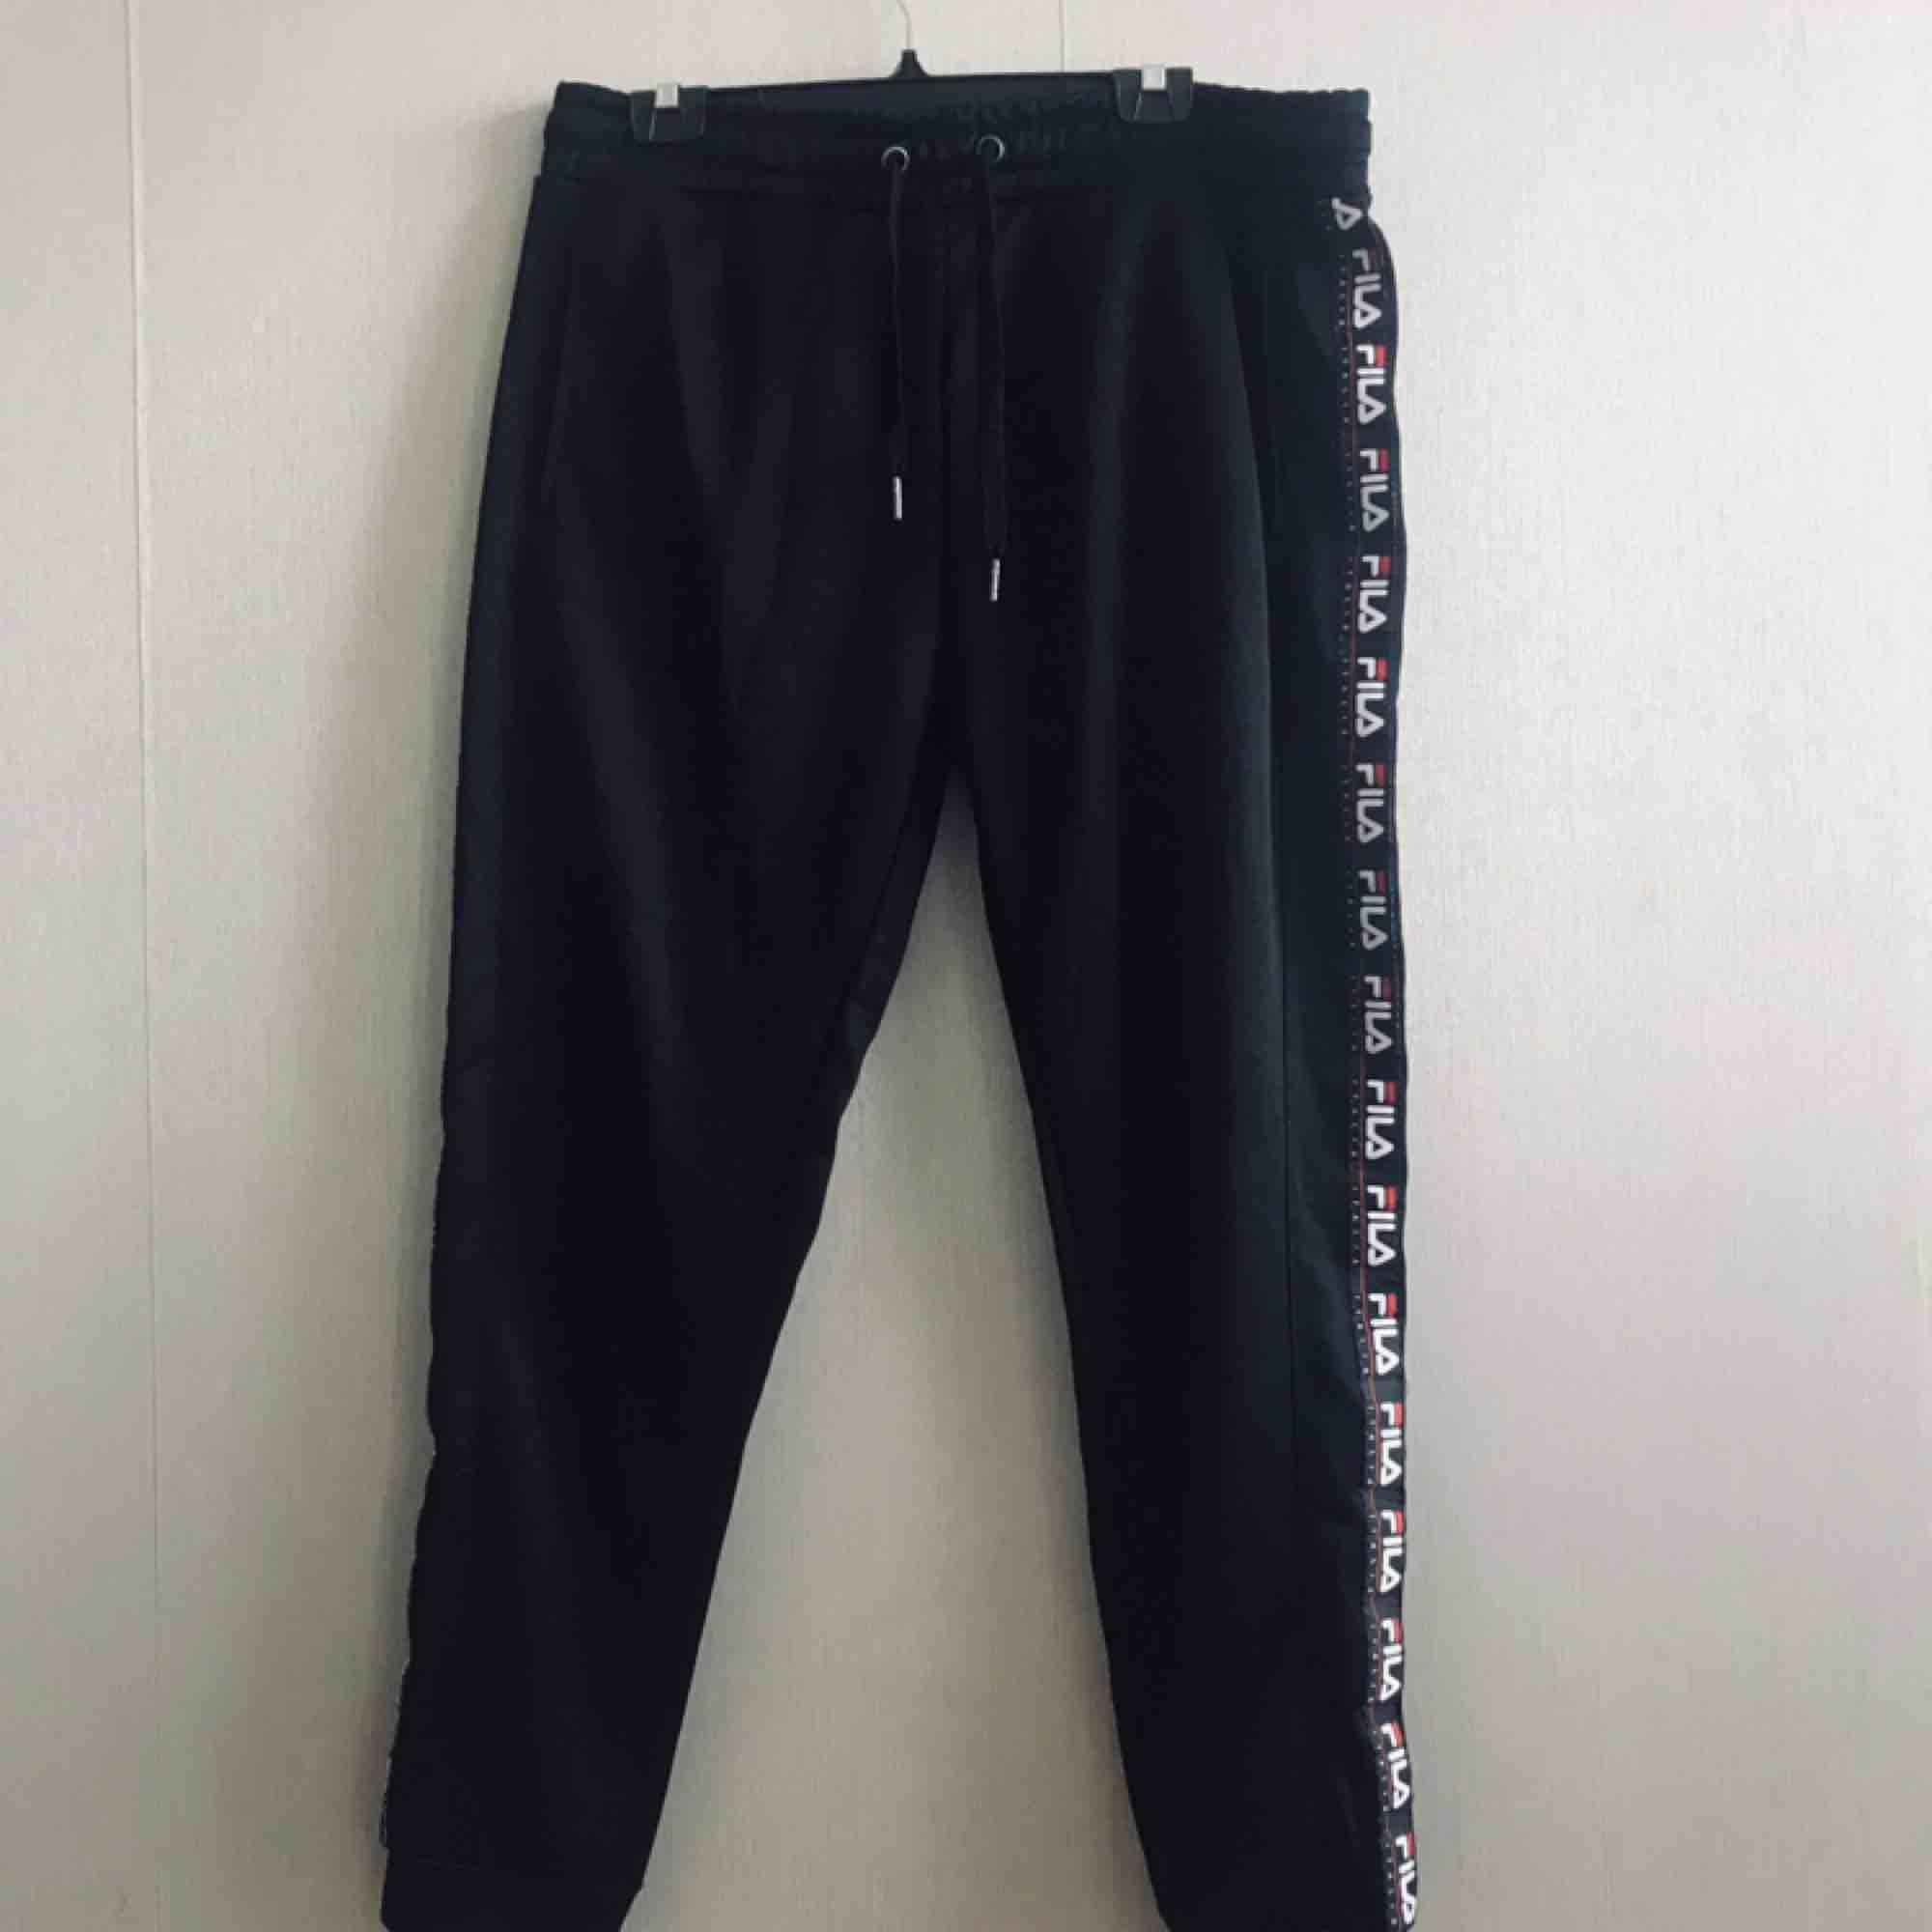 Mycket sköna och stilrena byxor! Säljer pga av att dom inte passat mig. Oanvända!. Jeans & Byxor.